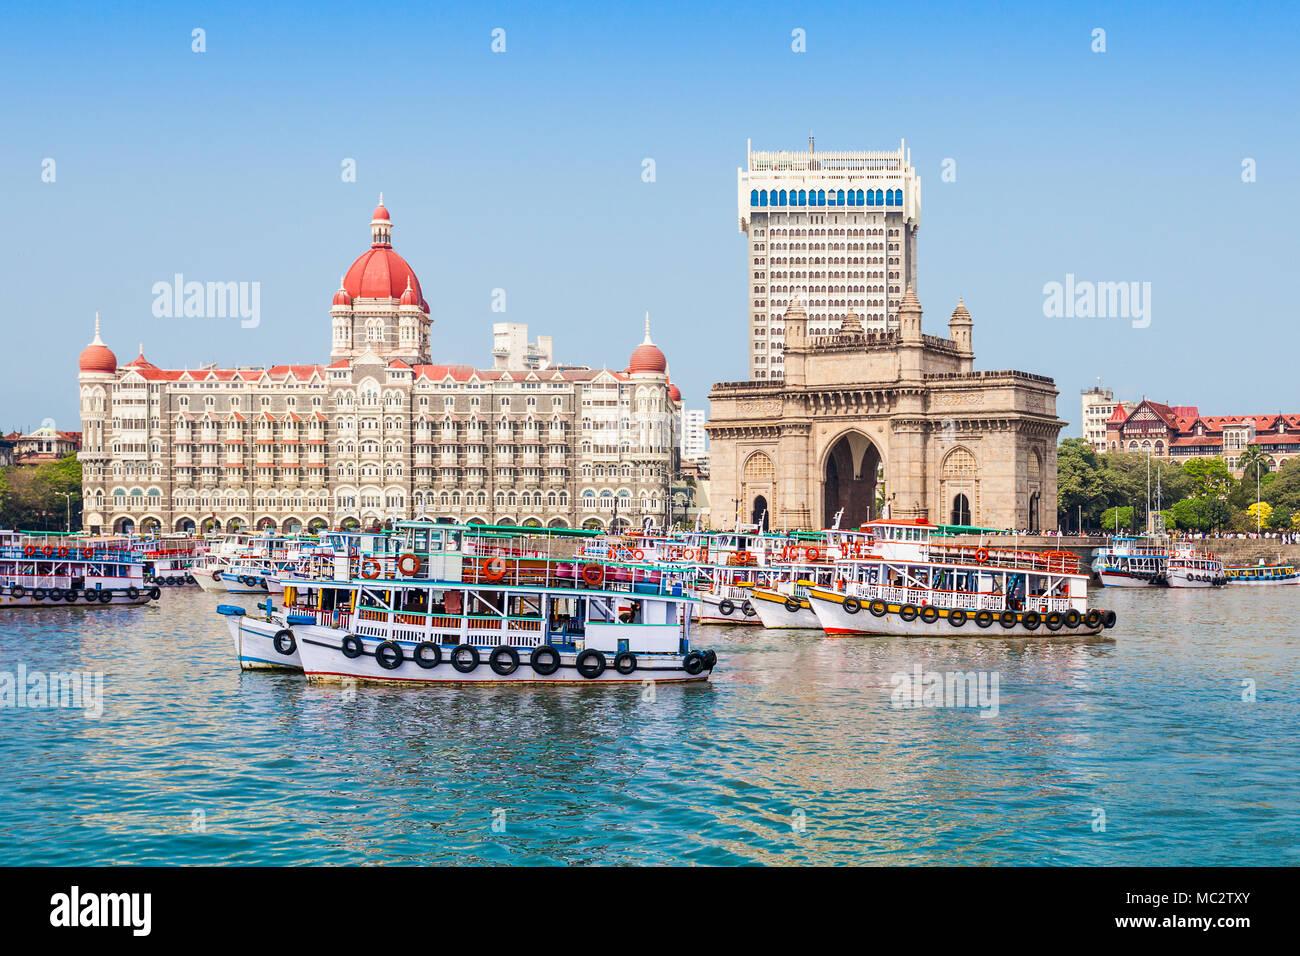 La porte de l'Inde et bateaux vus de la Mumbai Harbour à Mumbai, Inde Photo Stock